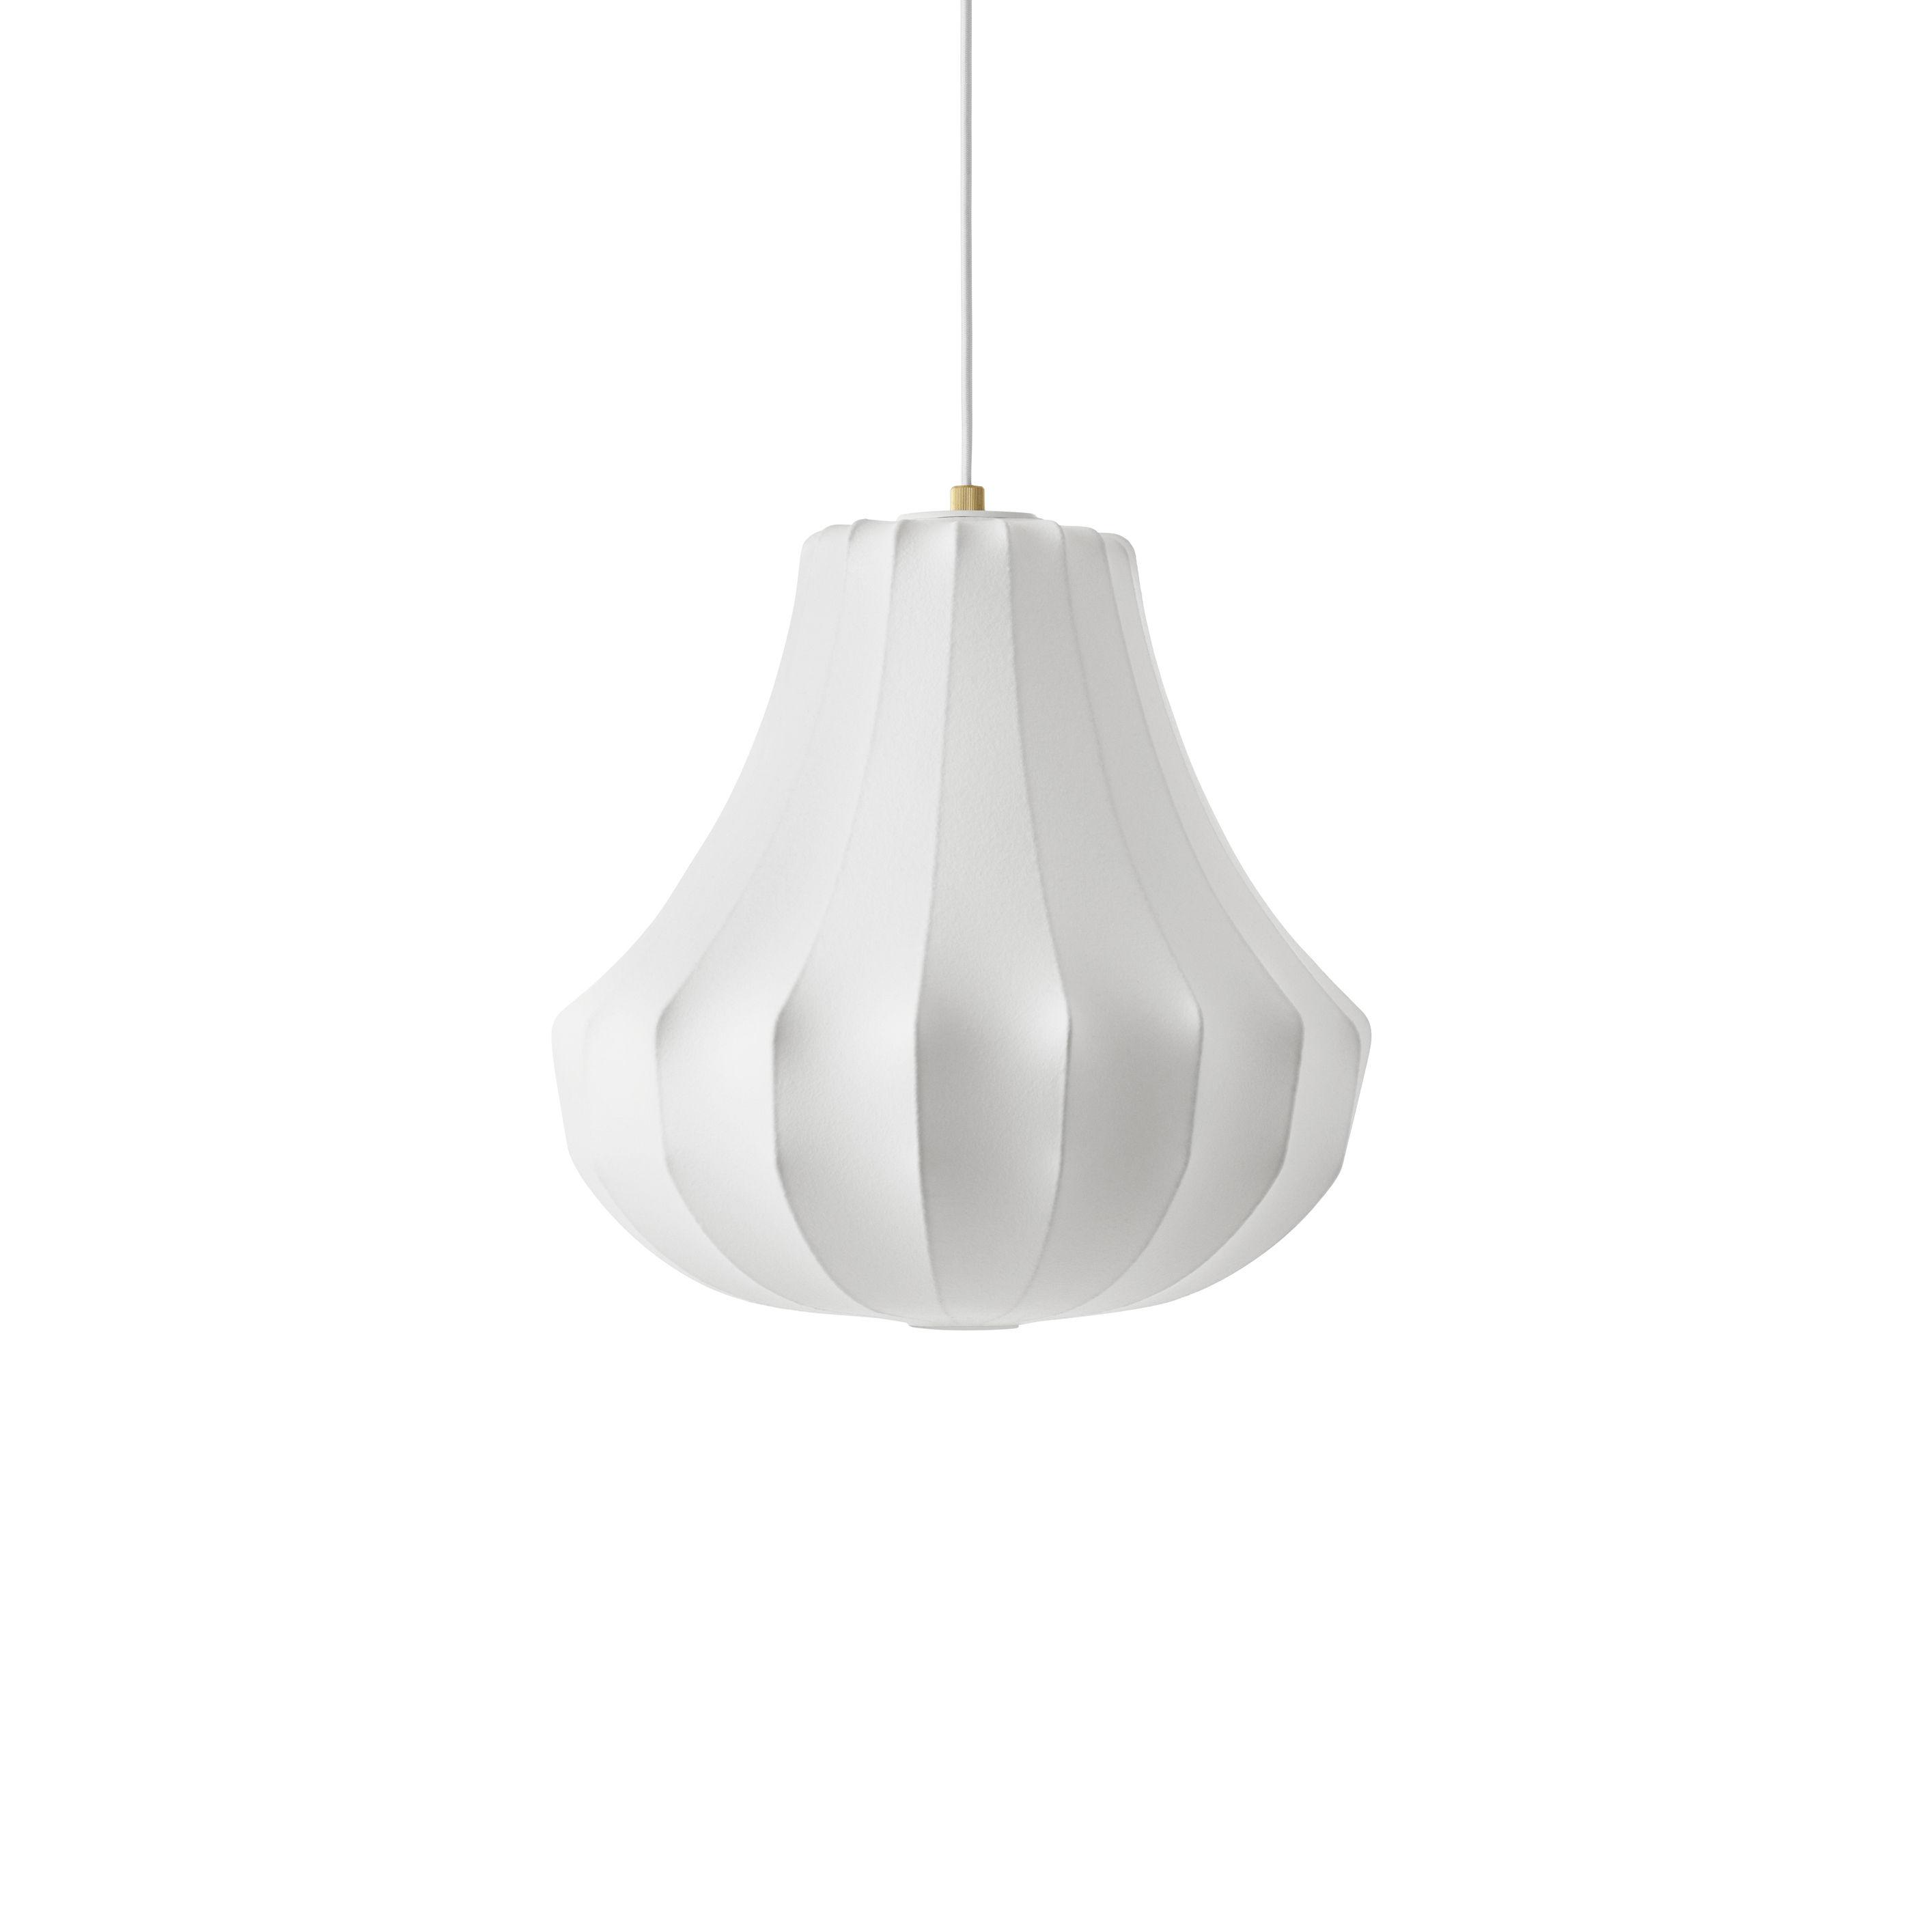 Luminaire - Suspensions - Suspension Phantom Small / Ø 45 x H 47 cm - Résine cocon - Normann Copenhagen - Blanc - Acier, Résine cocon